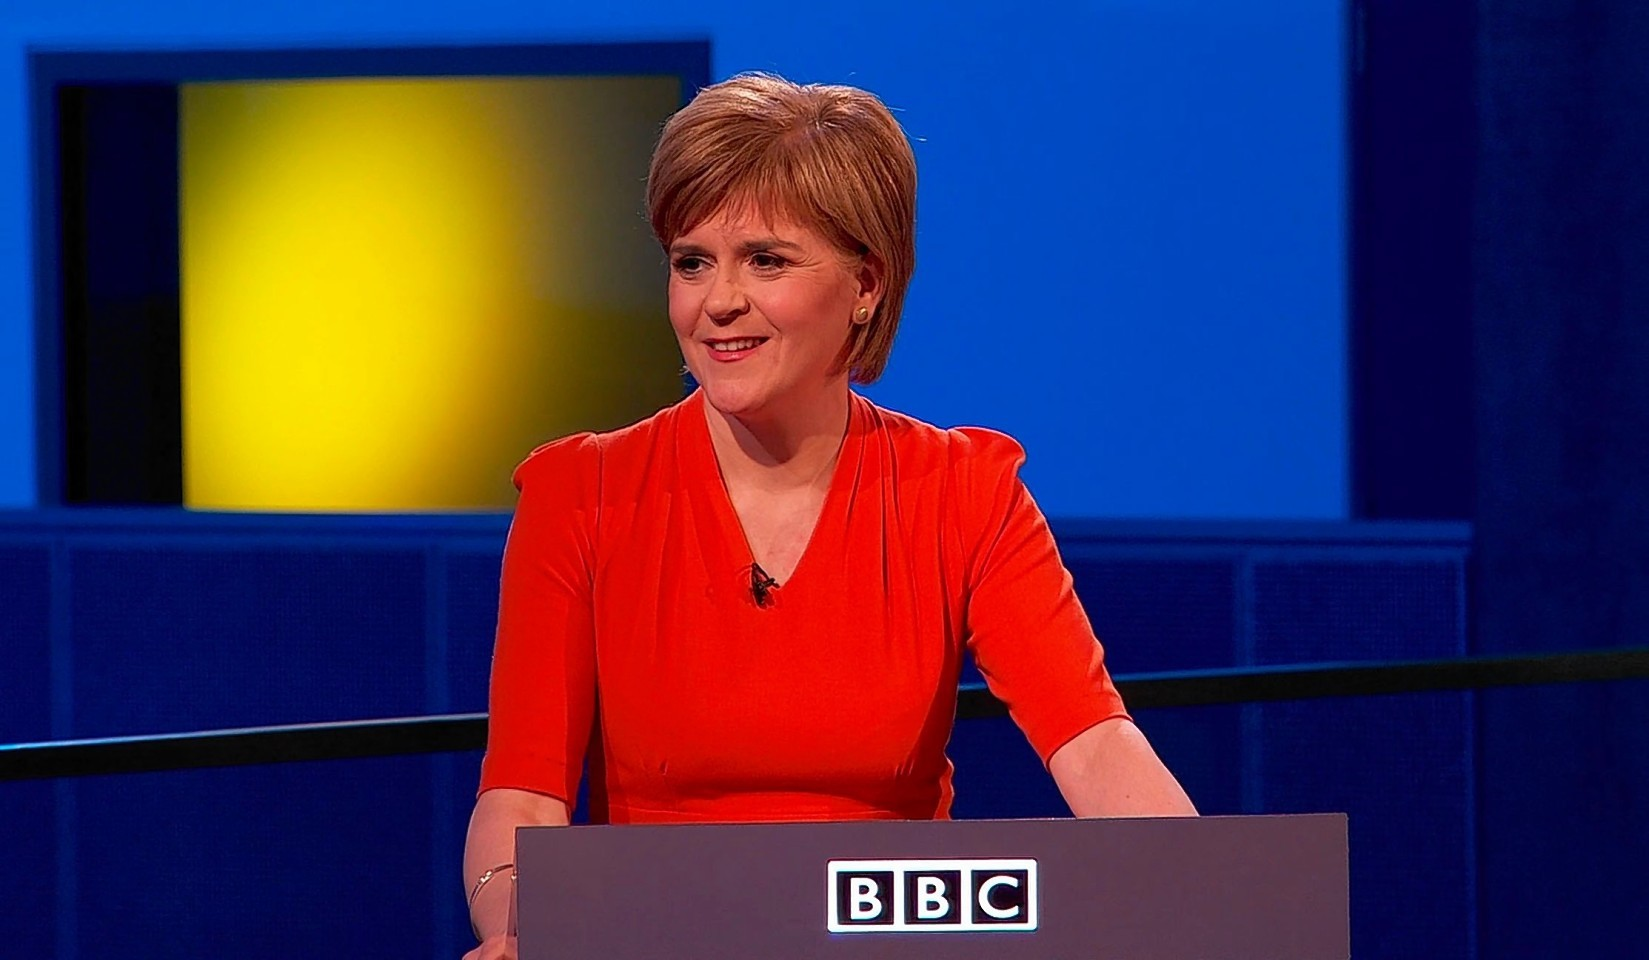 Nicola Sturgeon  2015 - Ask nicola sturgeon BBC Scotland